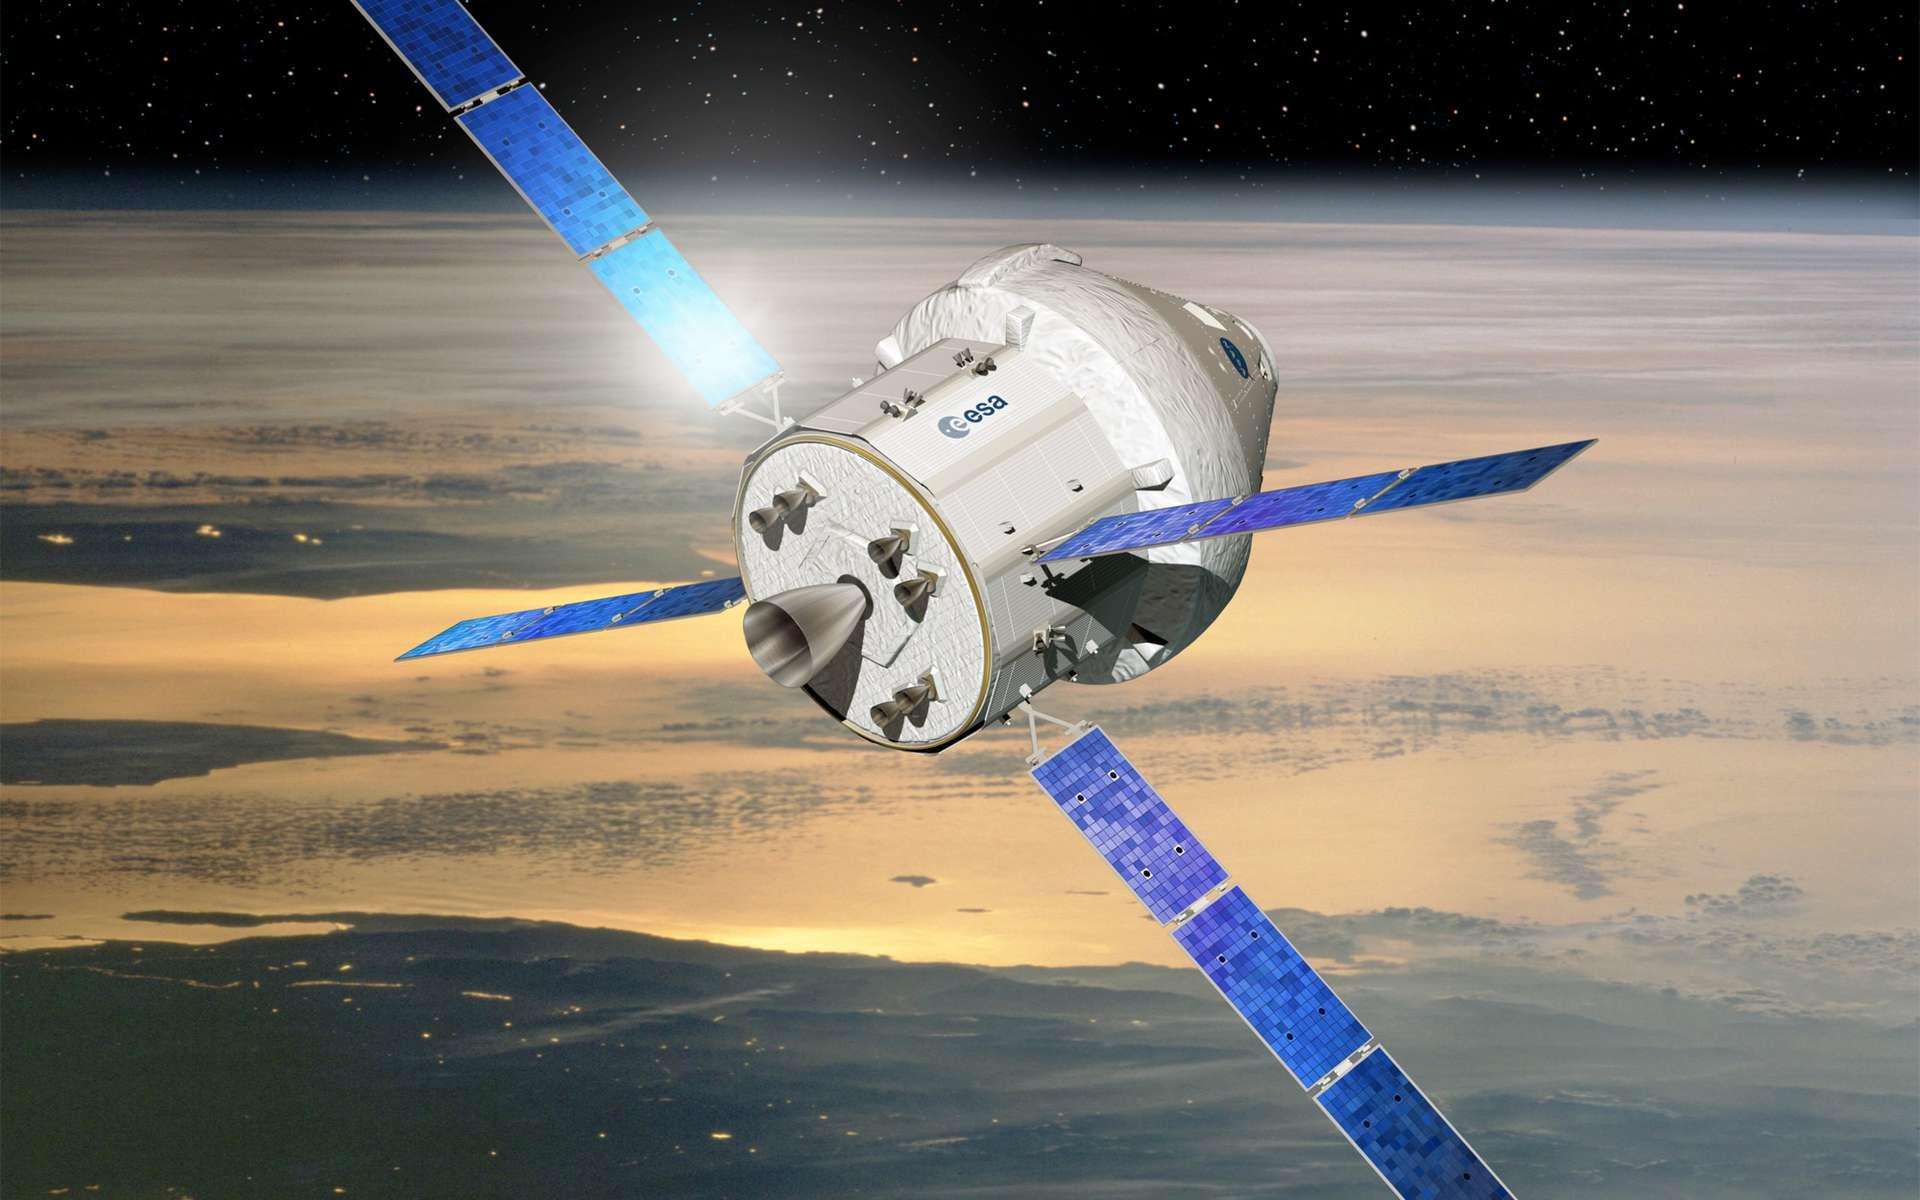 Le futur vaisseau Orion-MPCV (Multi-Purpose Crew Vehicle, Véhicule habité multirôle) sera capable de transporter un équipage de 2 à 6 personnes pour des missions variées, y compris au-delà de l'orbite terrestre. Il a été étudié primitivement dans le cadre du programme Constellation de retour sur la Lune et il est en cours de développement. des essais sous parachute ont déjà été réalisés. © Esa, D. Ducros